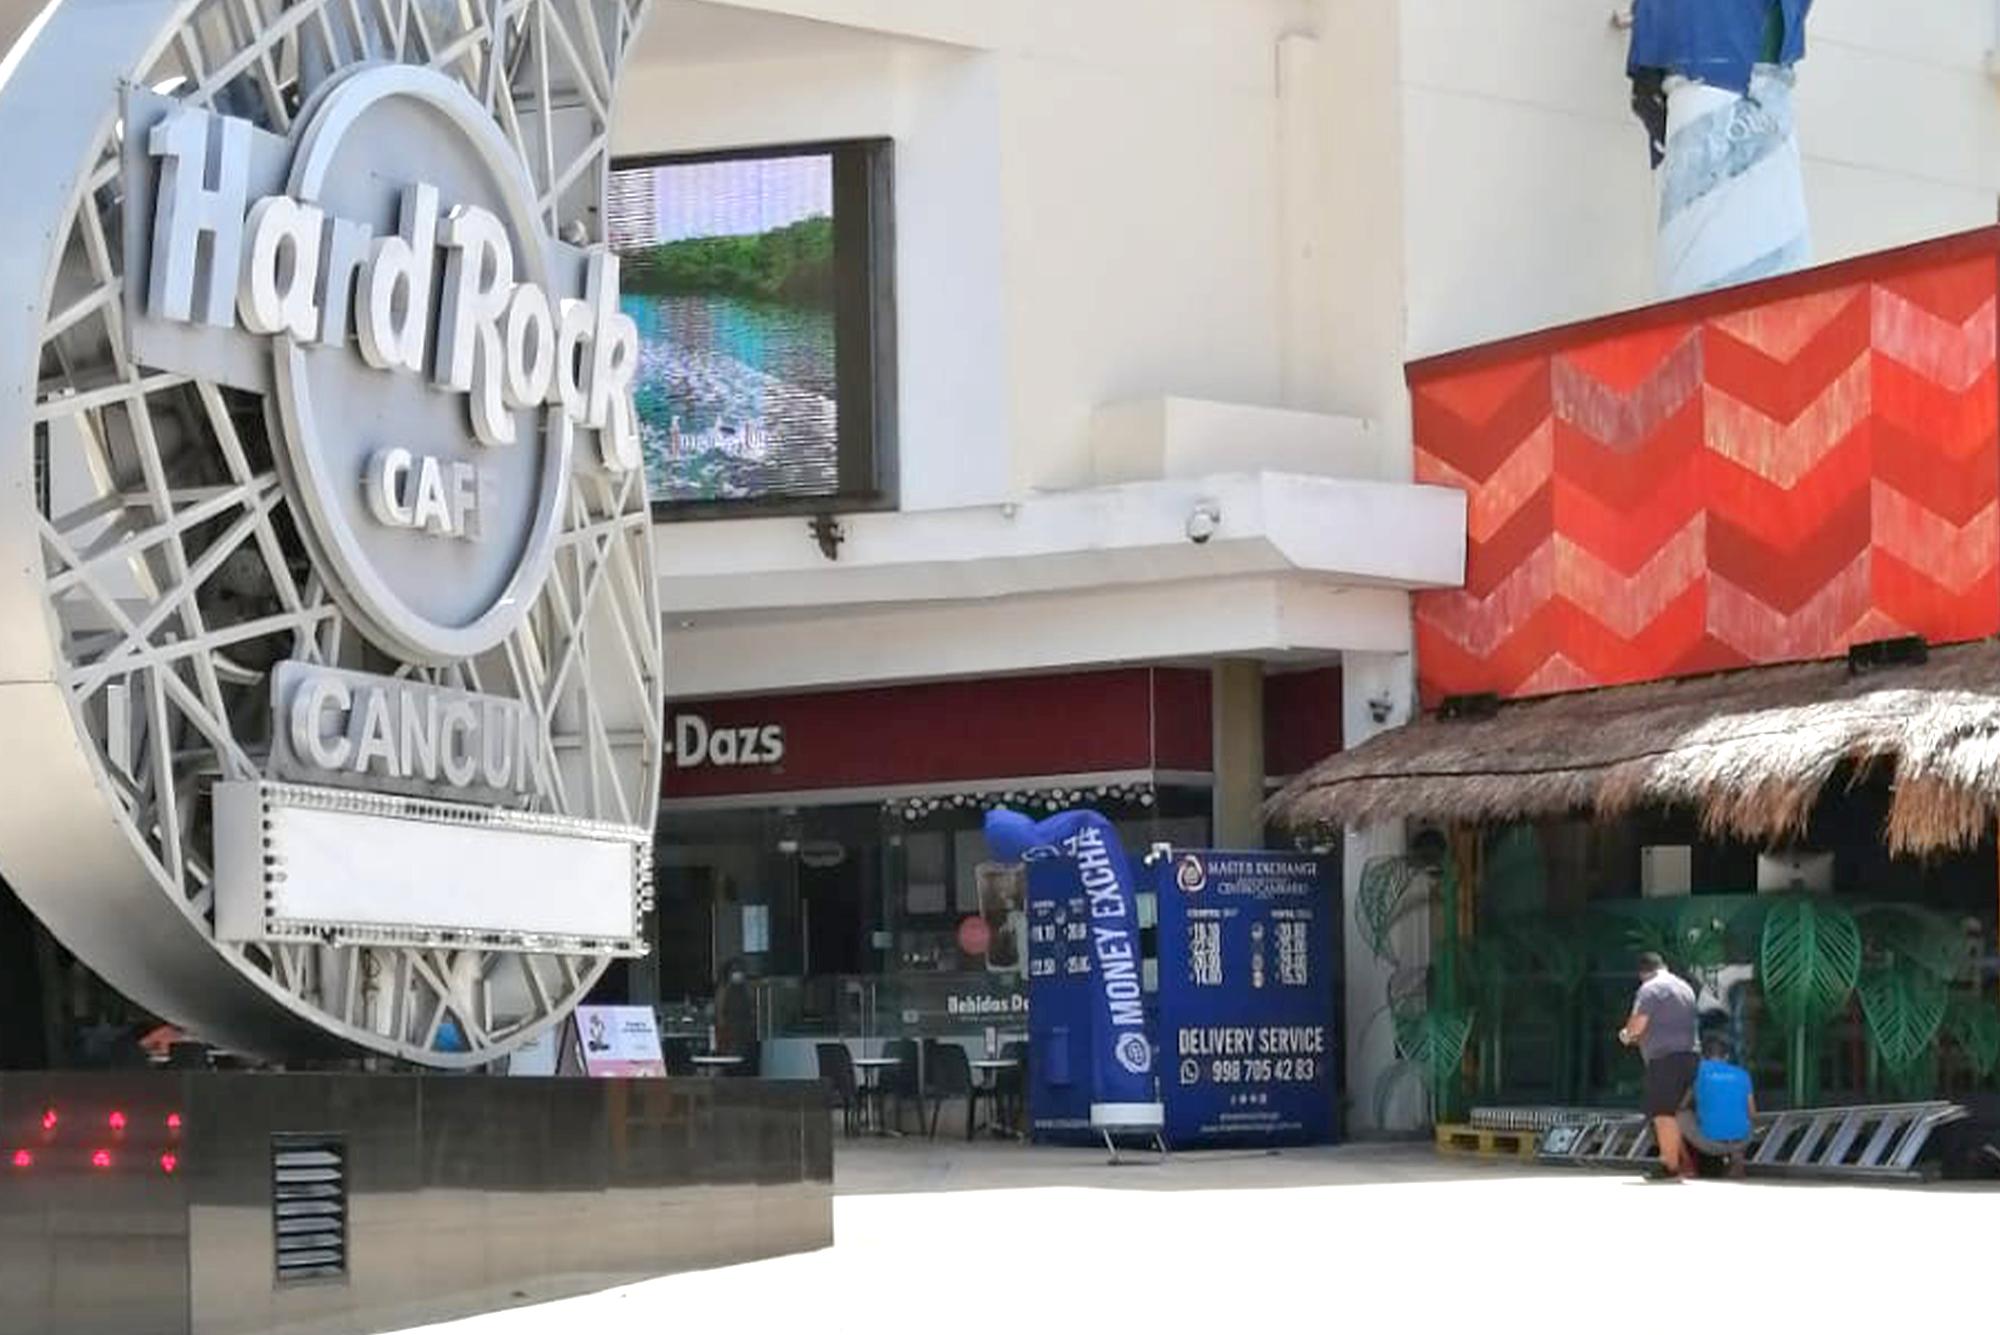 Centro cambiario en Plaza Forum